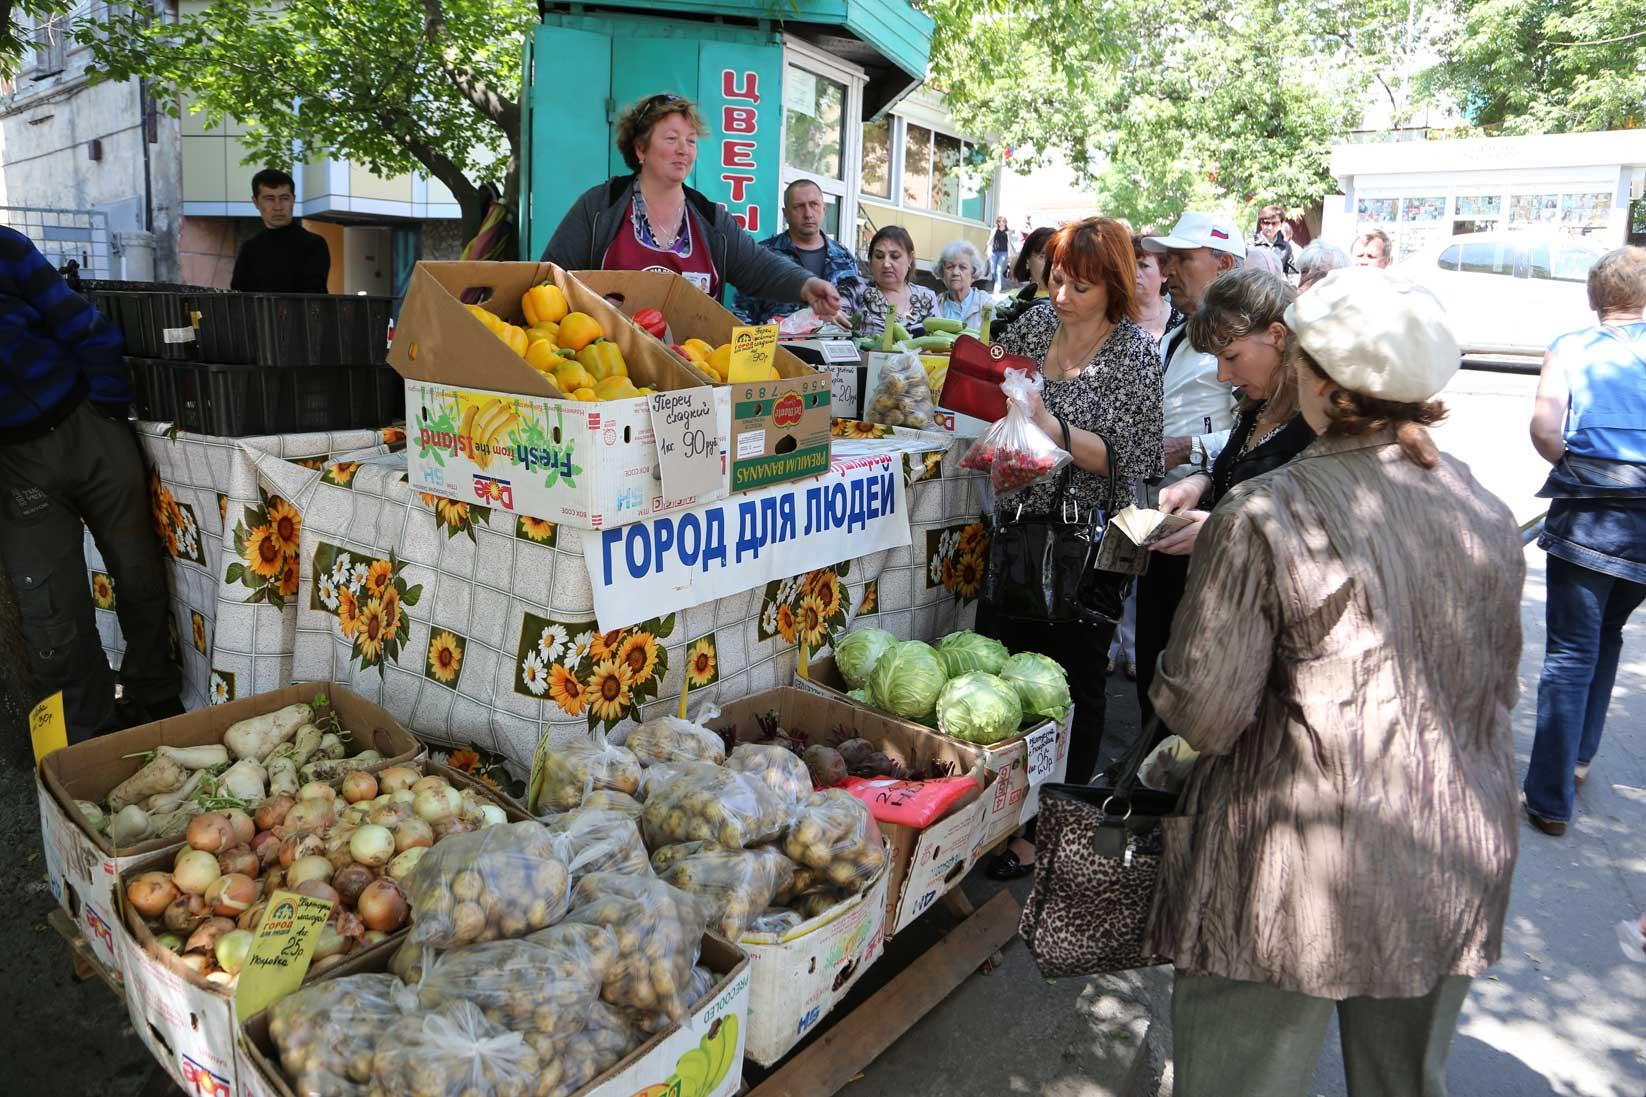 ウラジオストクで出会った人たち その1(働くおばさん・おじさん編)_b0235153_8352513.jpg